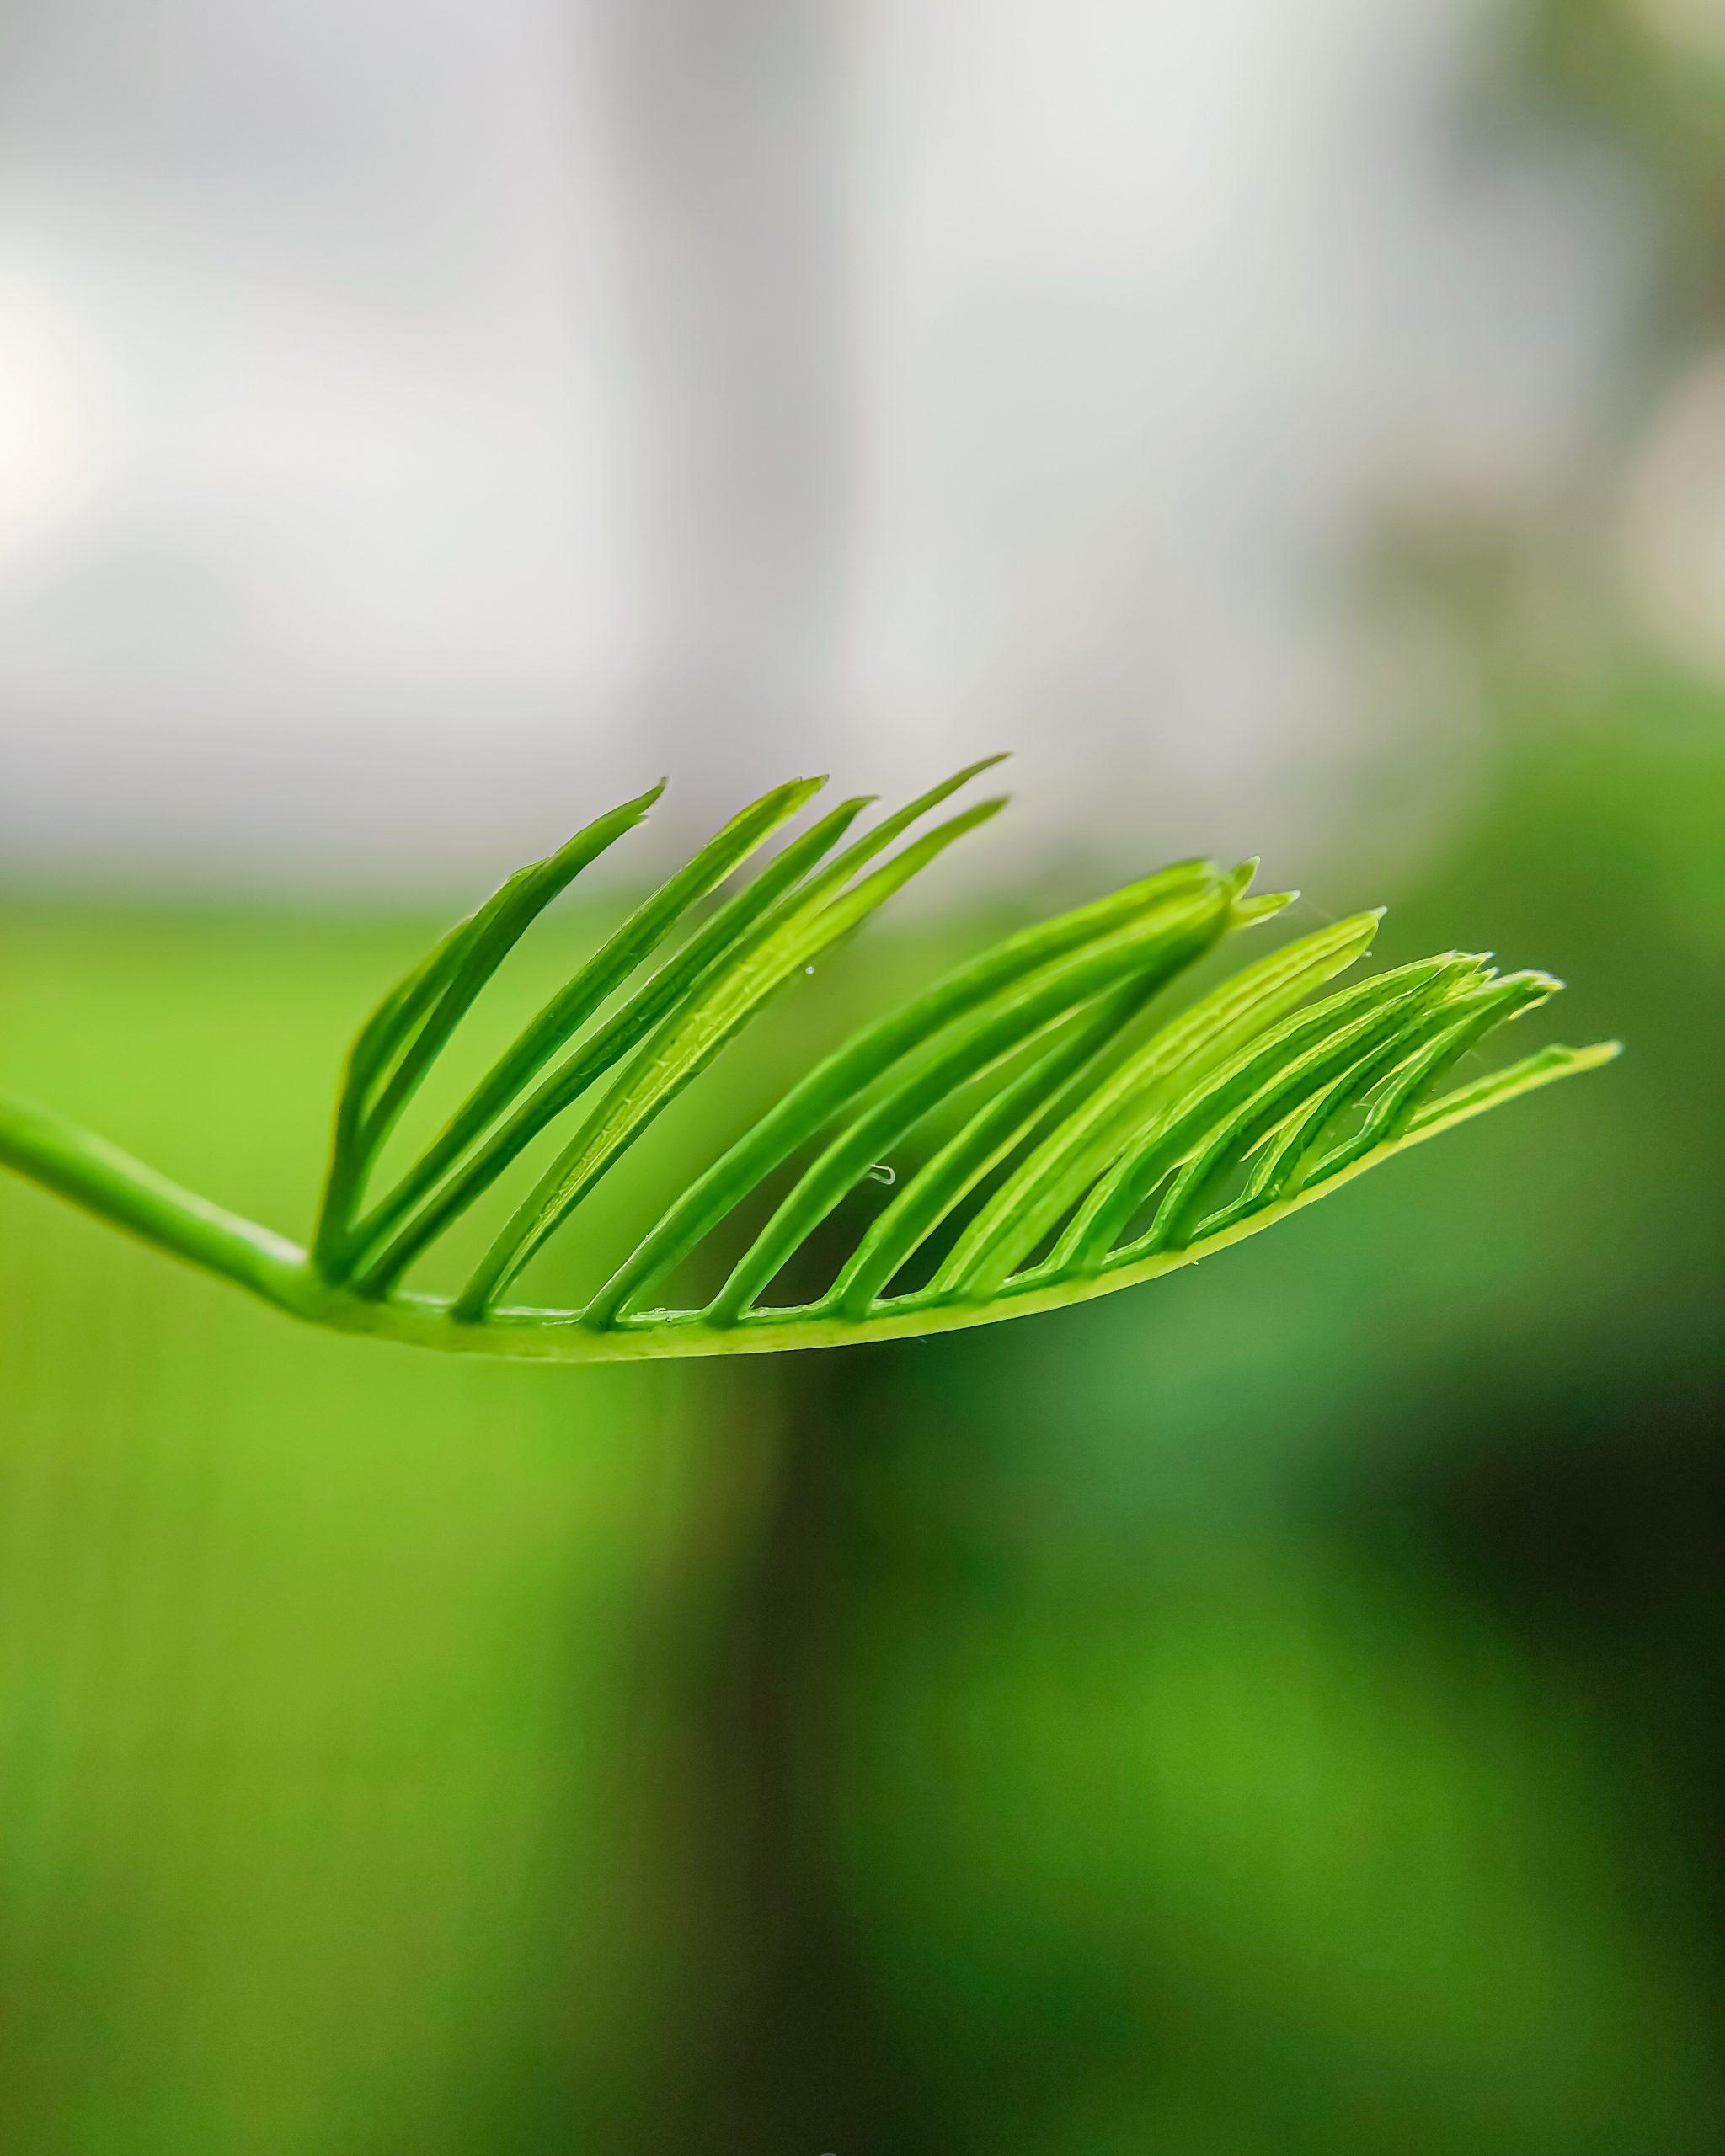 Growing Leaf